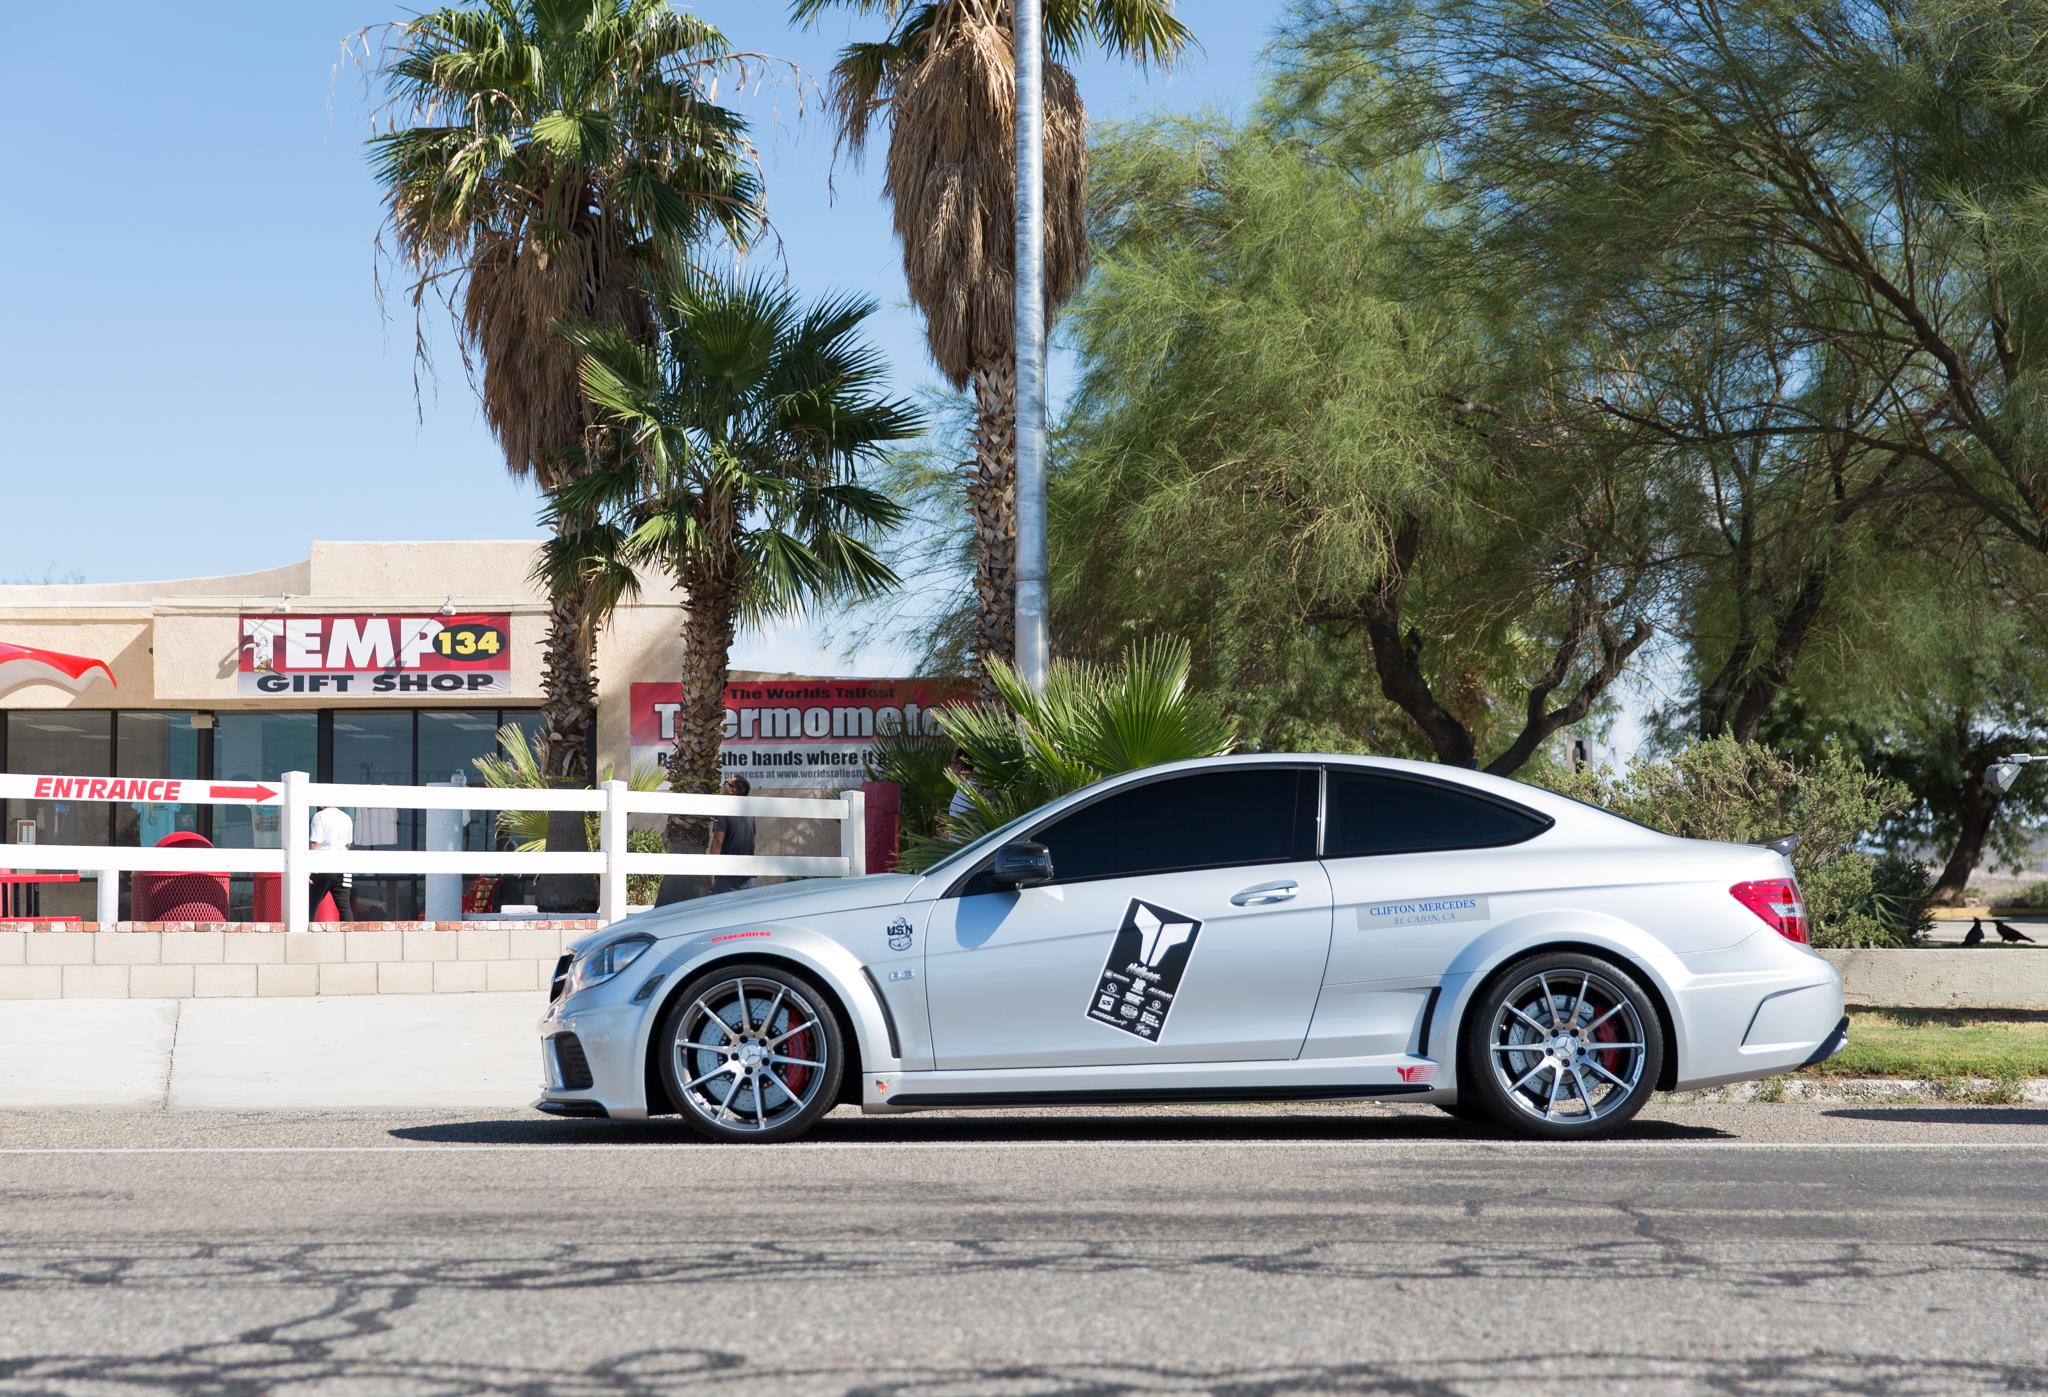 Stay_Driven_Targa_Trophy_LA_LV_CE-103.jpg